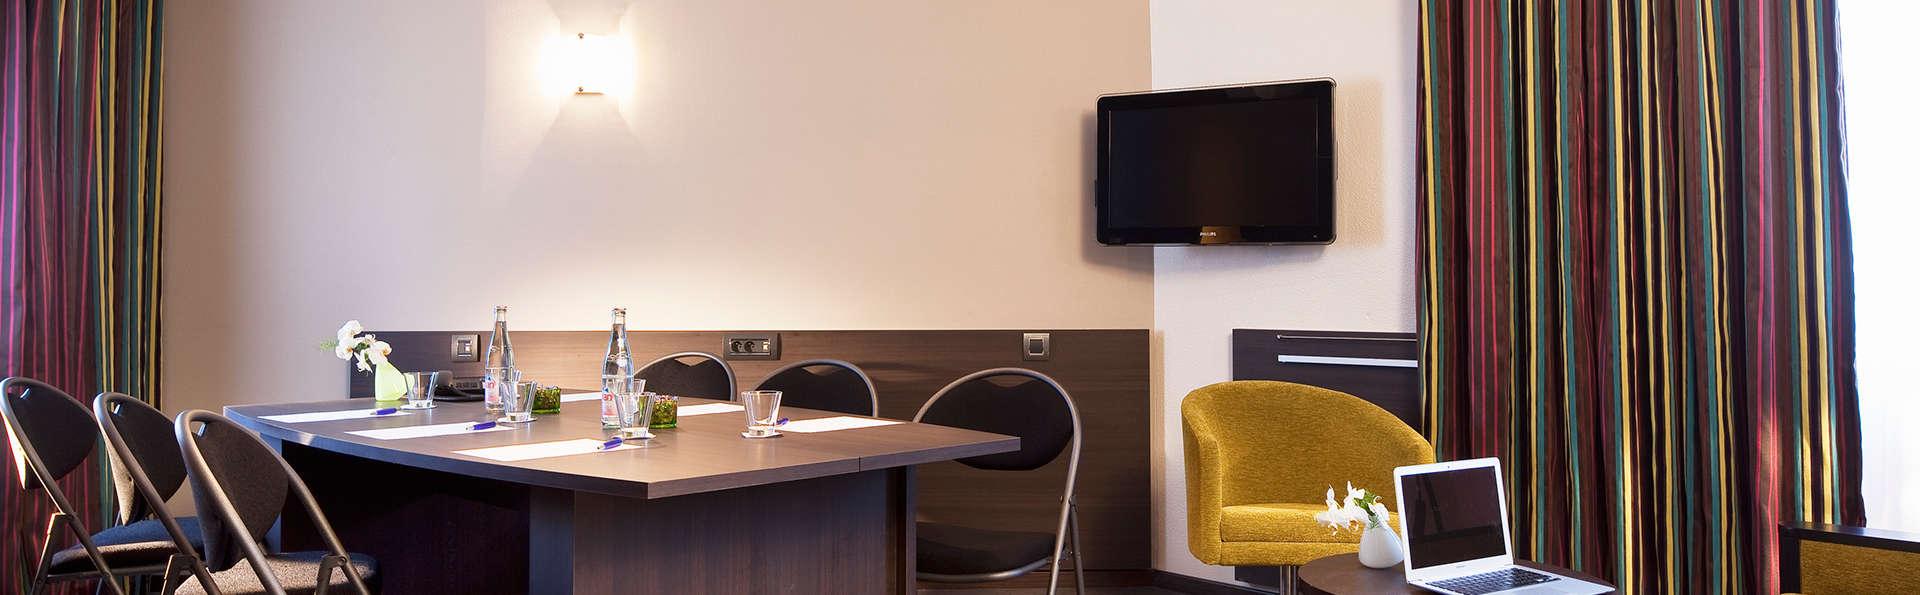 Escale Oceania Vannes - EDIT_business-room.jpg